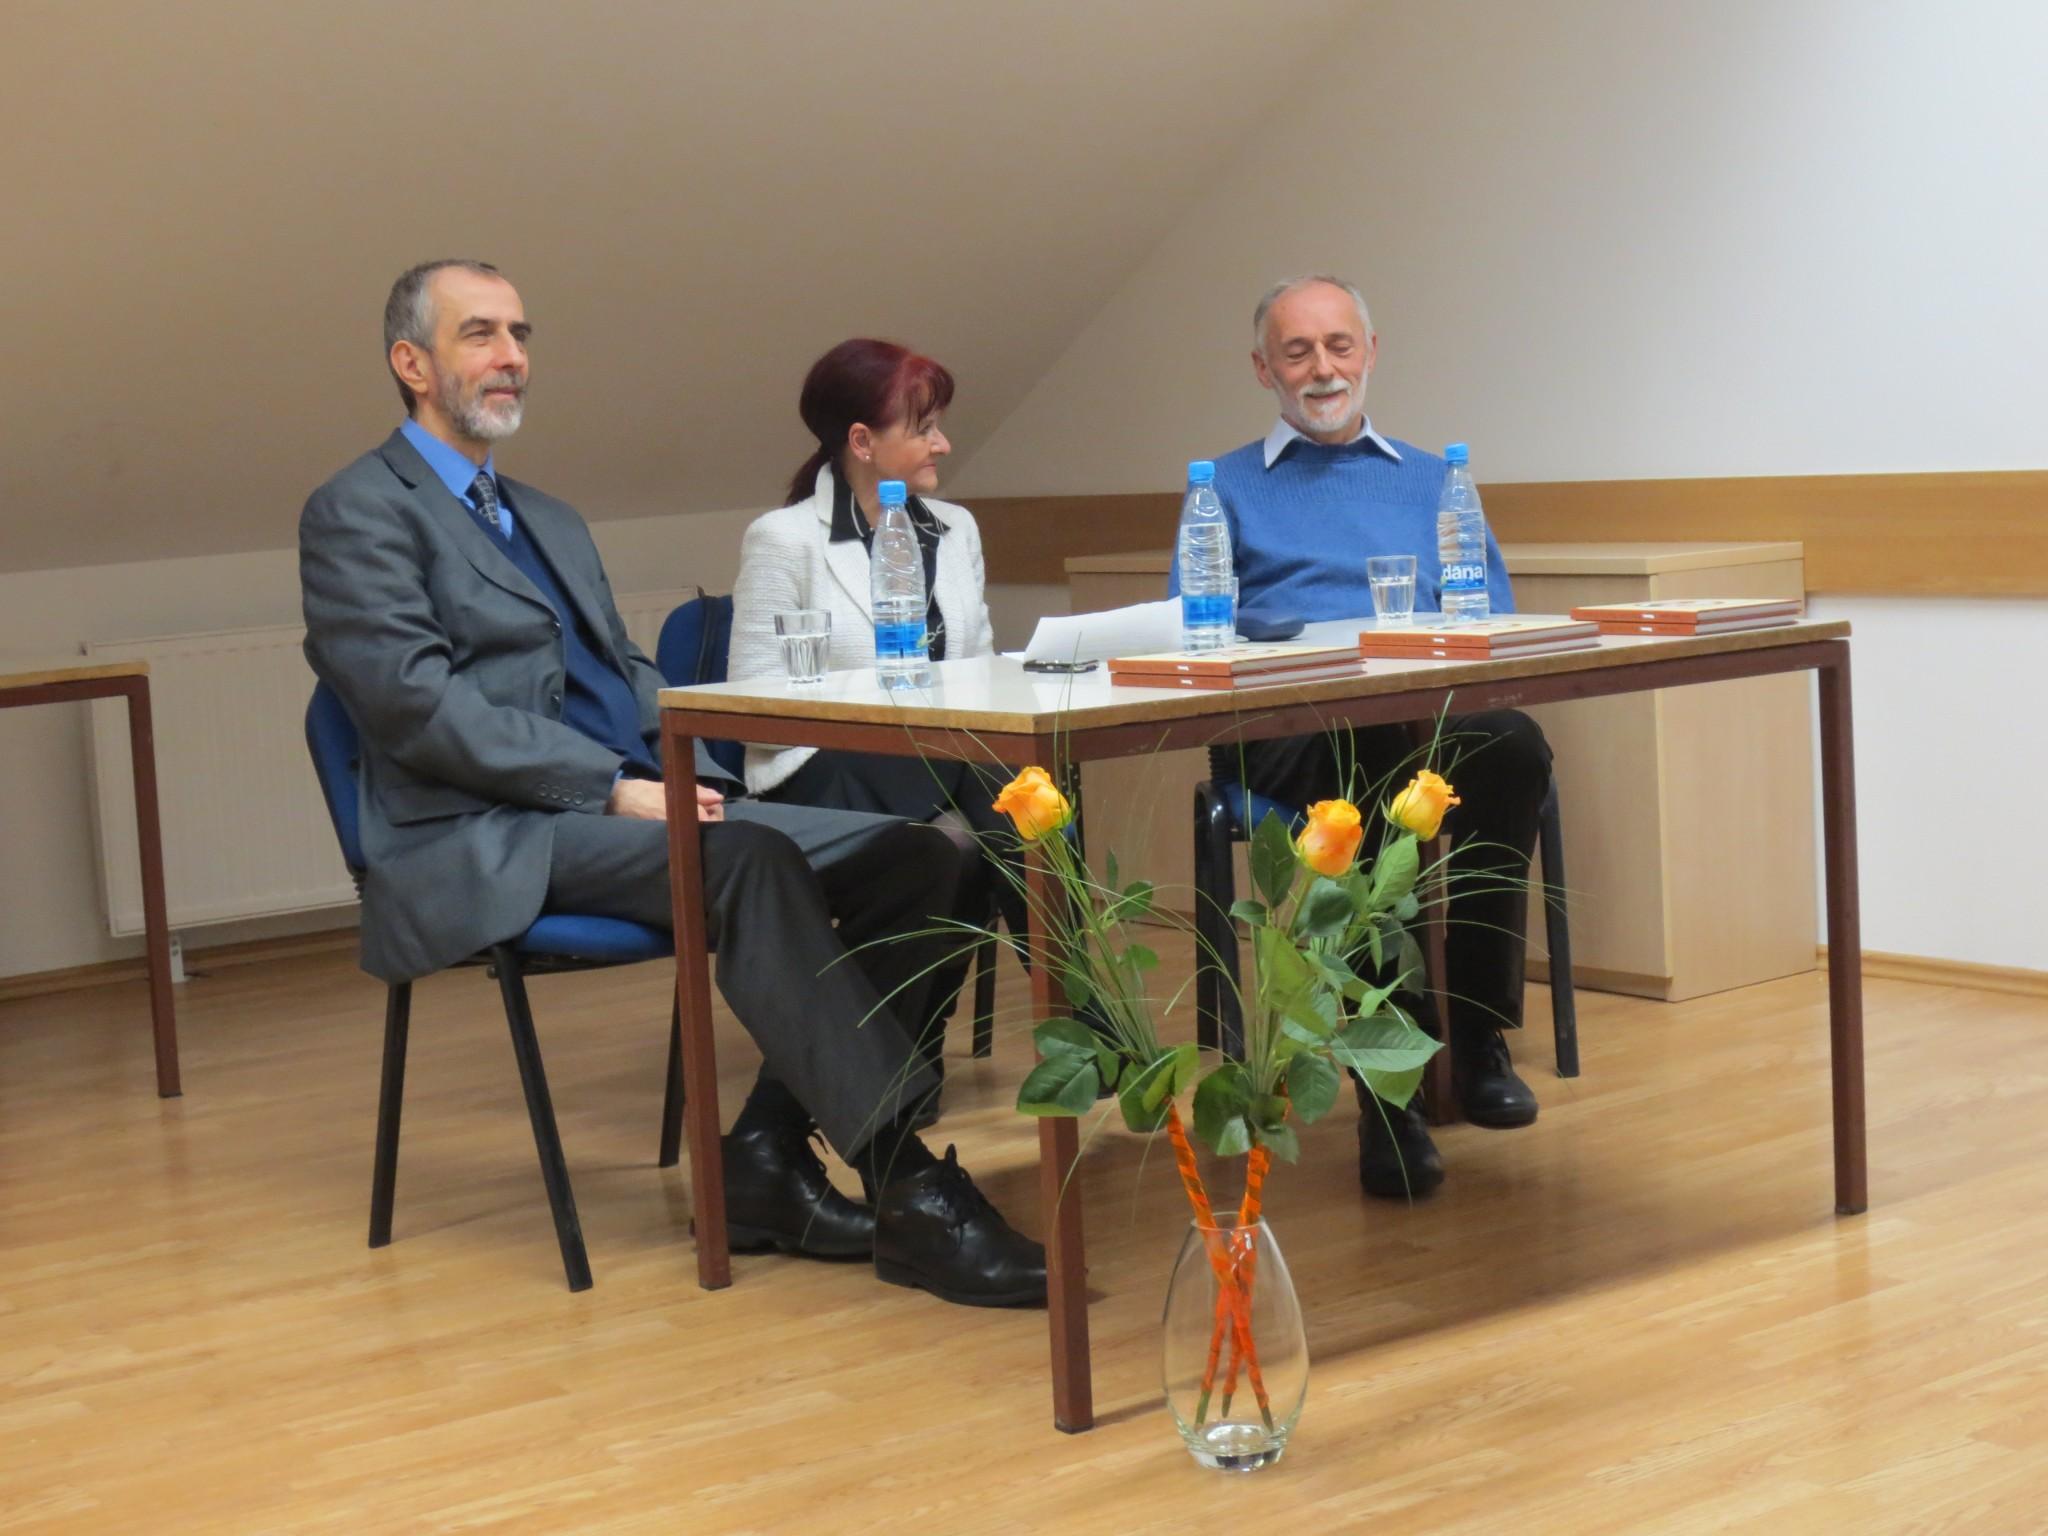 IMG 3512 - Milan Jazbec: Diplomat Martin Krpan